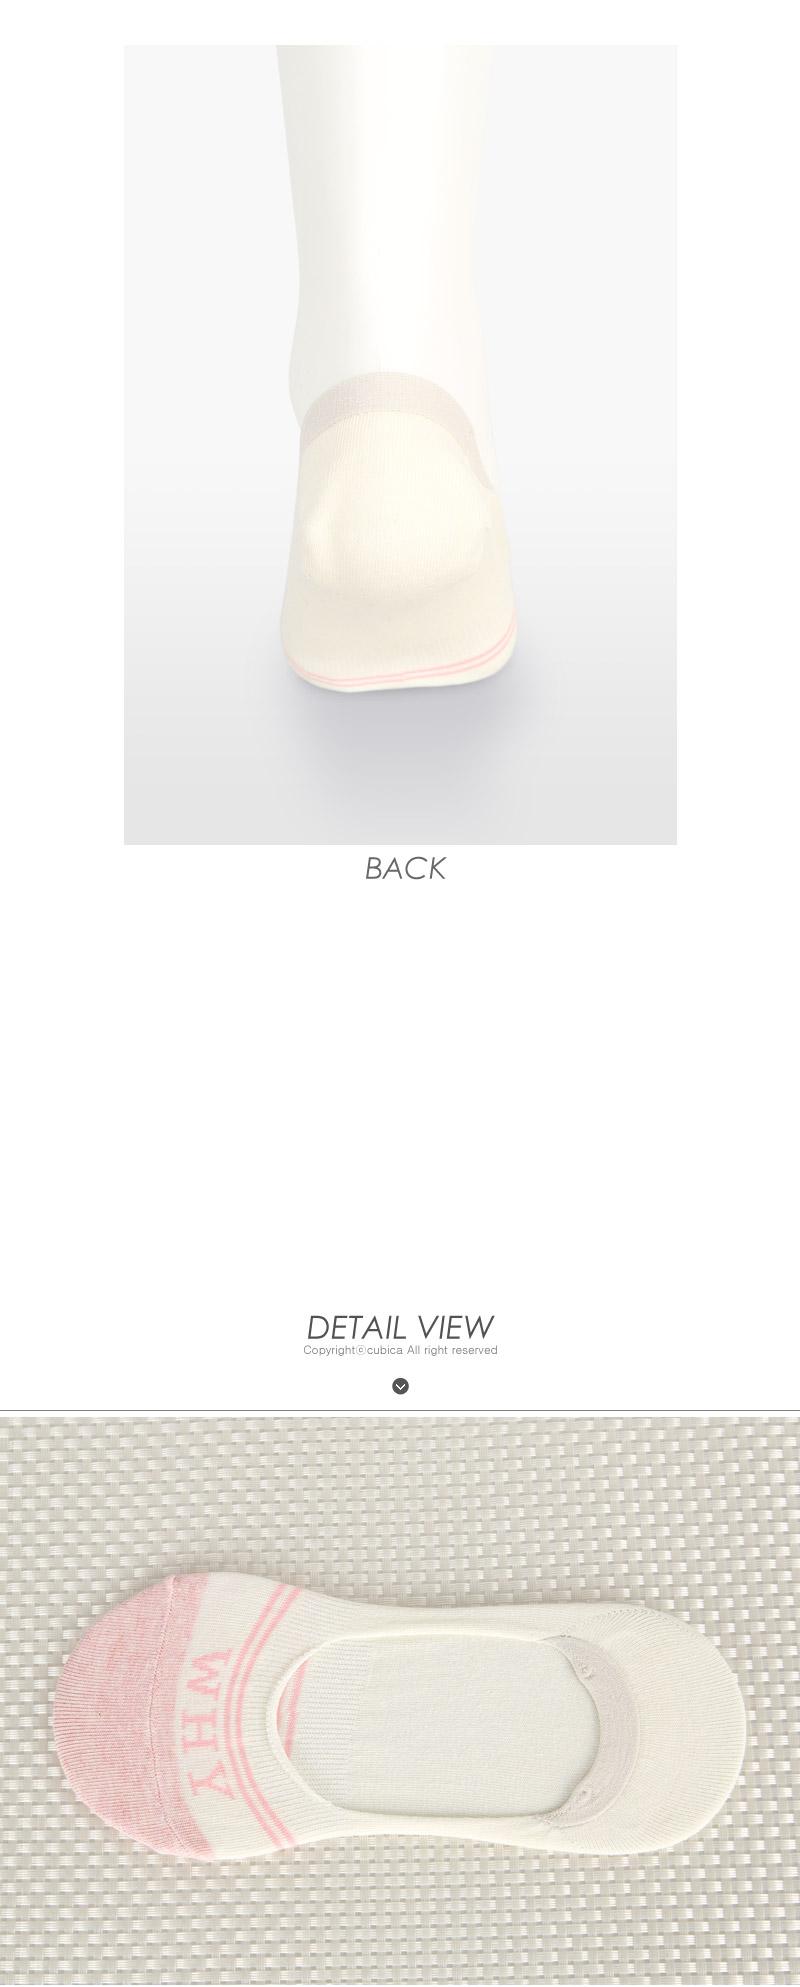 페이크삭스 레터 실리콘덧신 여성양말5족F148 - 쿠비카, 9,900원, 여성양말, 패션양말